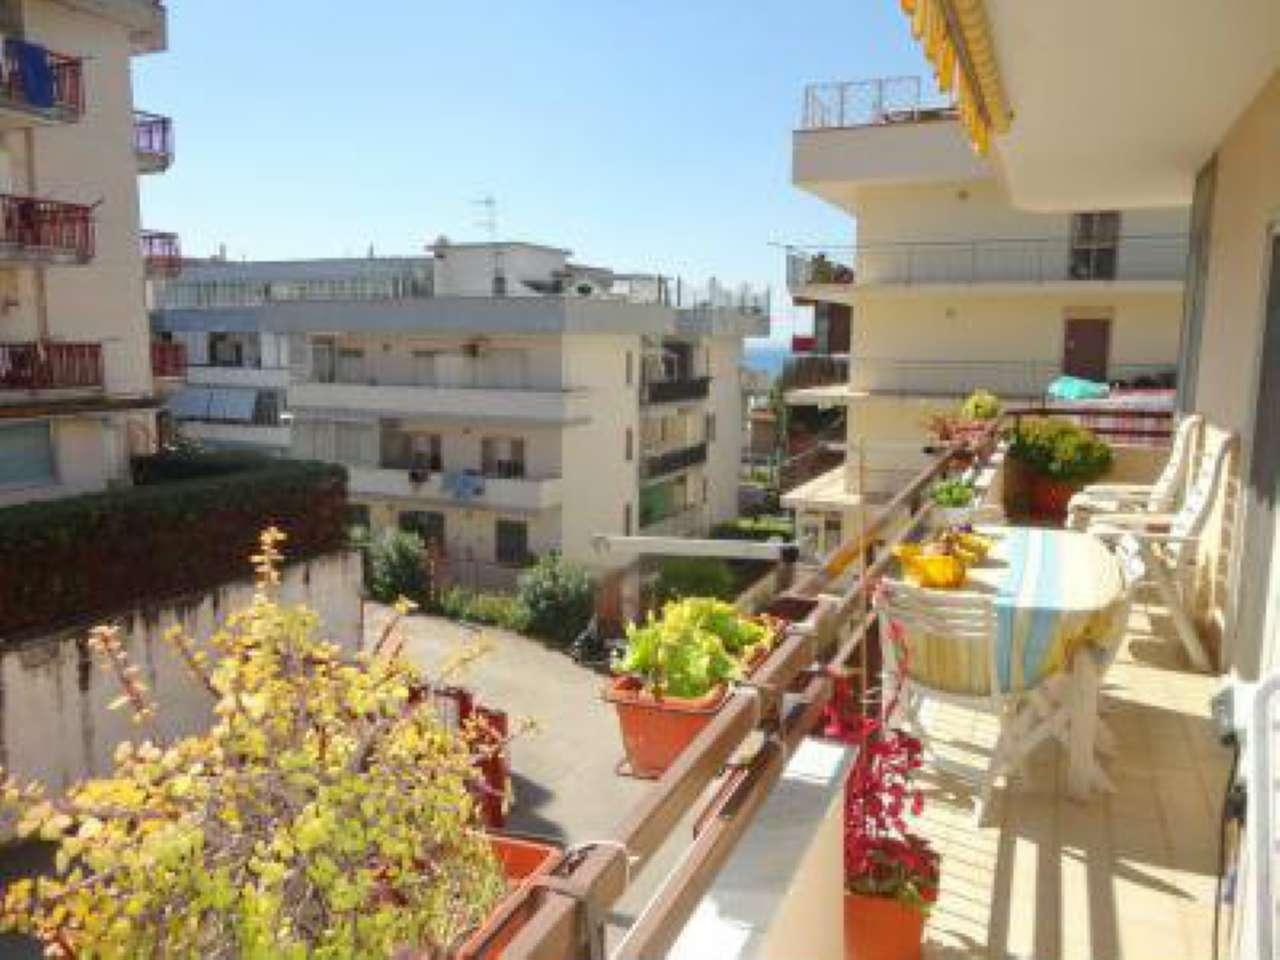 Appartamento in vendita a Ercolano, 3 locali, prezzo € 215.000 | CambioCasa.it